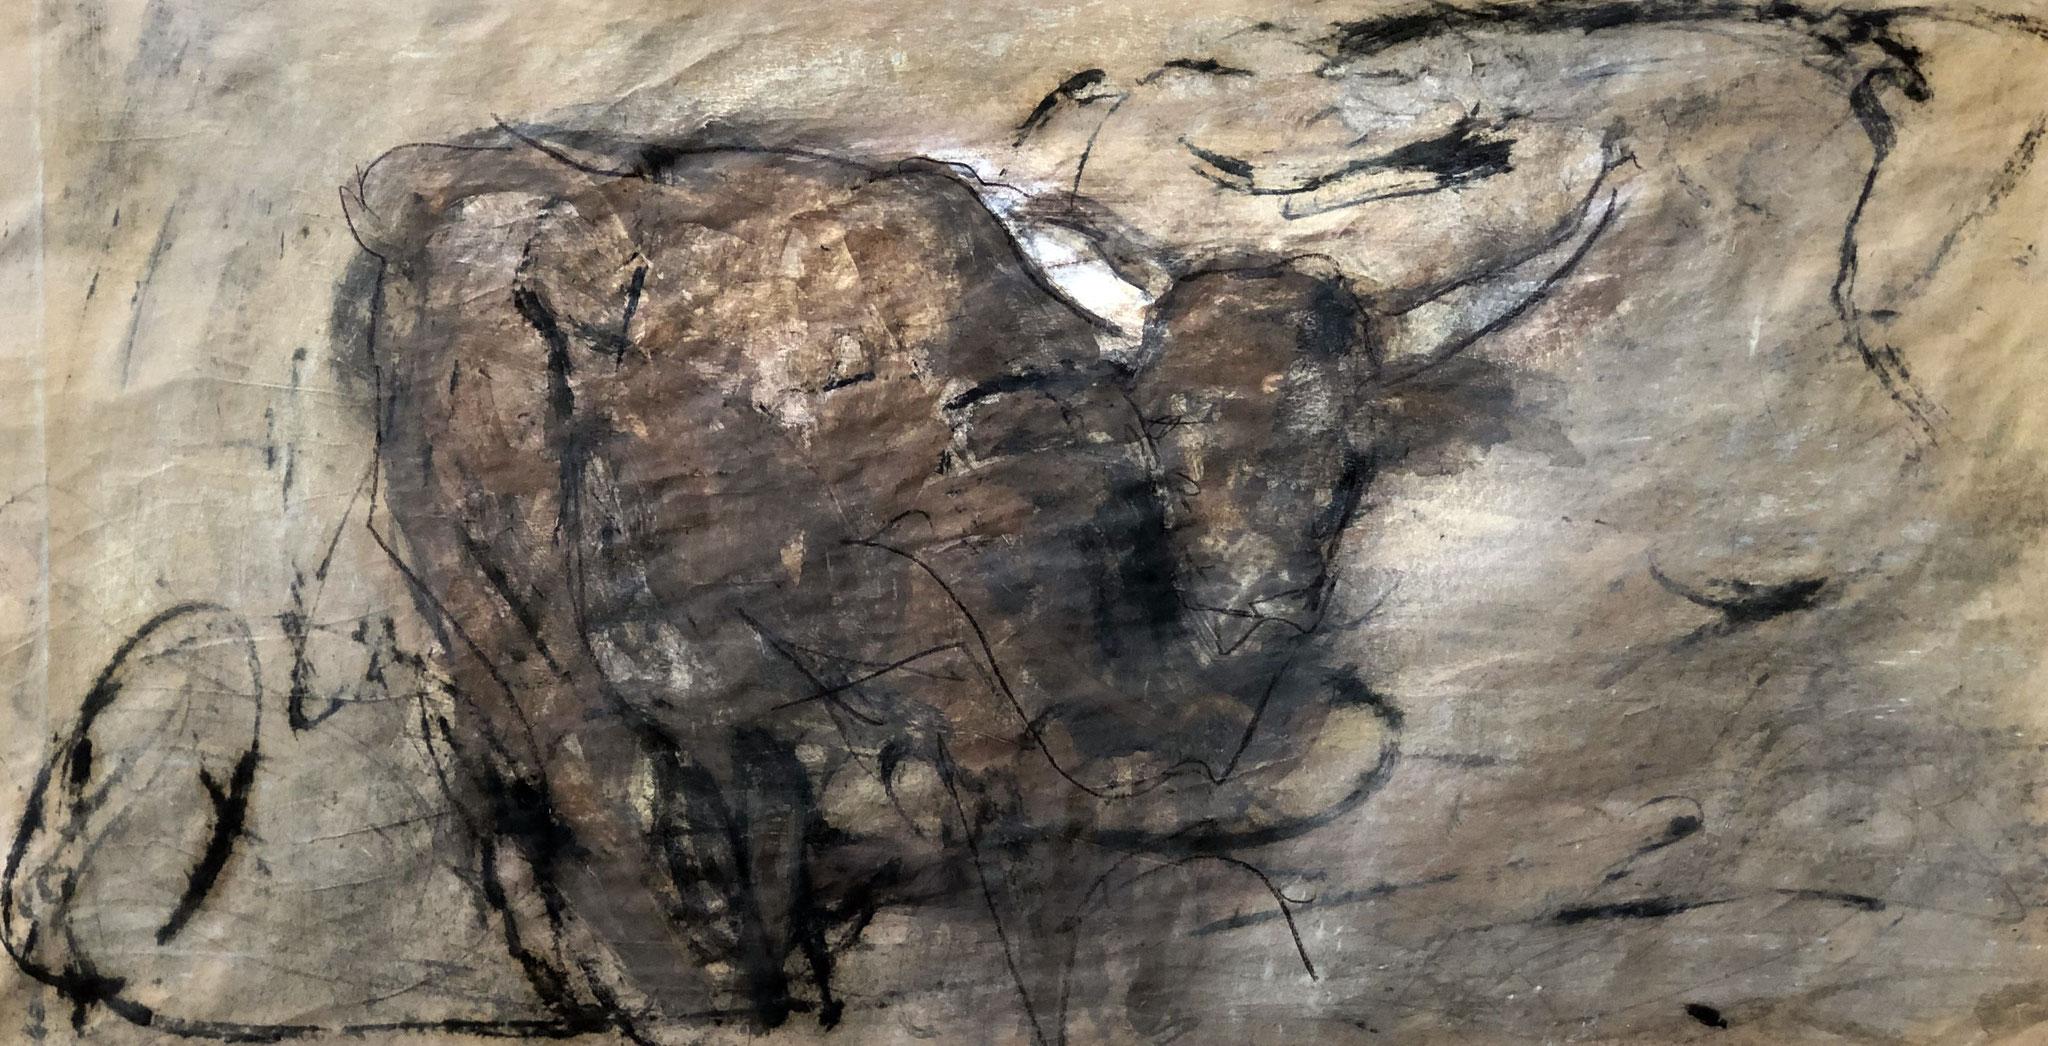 RETINTO XVII     Erden, Tintensekret vom Kalmar und Olivensaft auf Papier - 34 x 63 cm